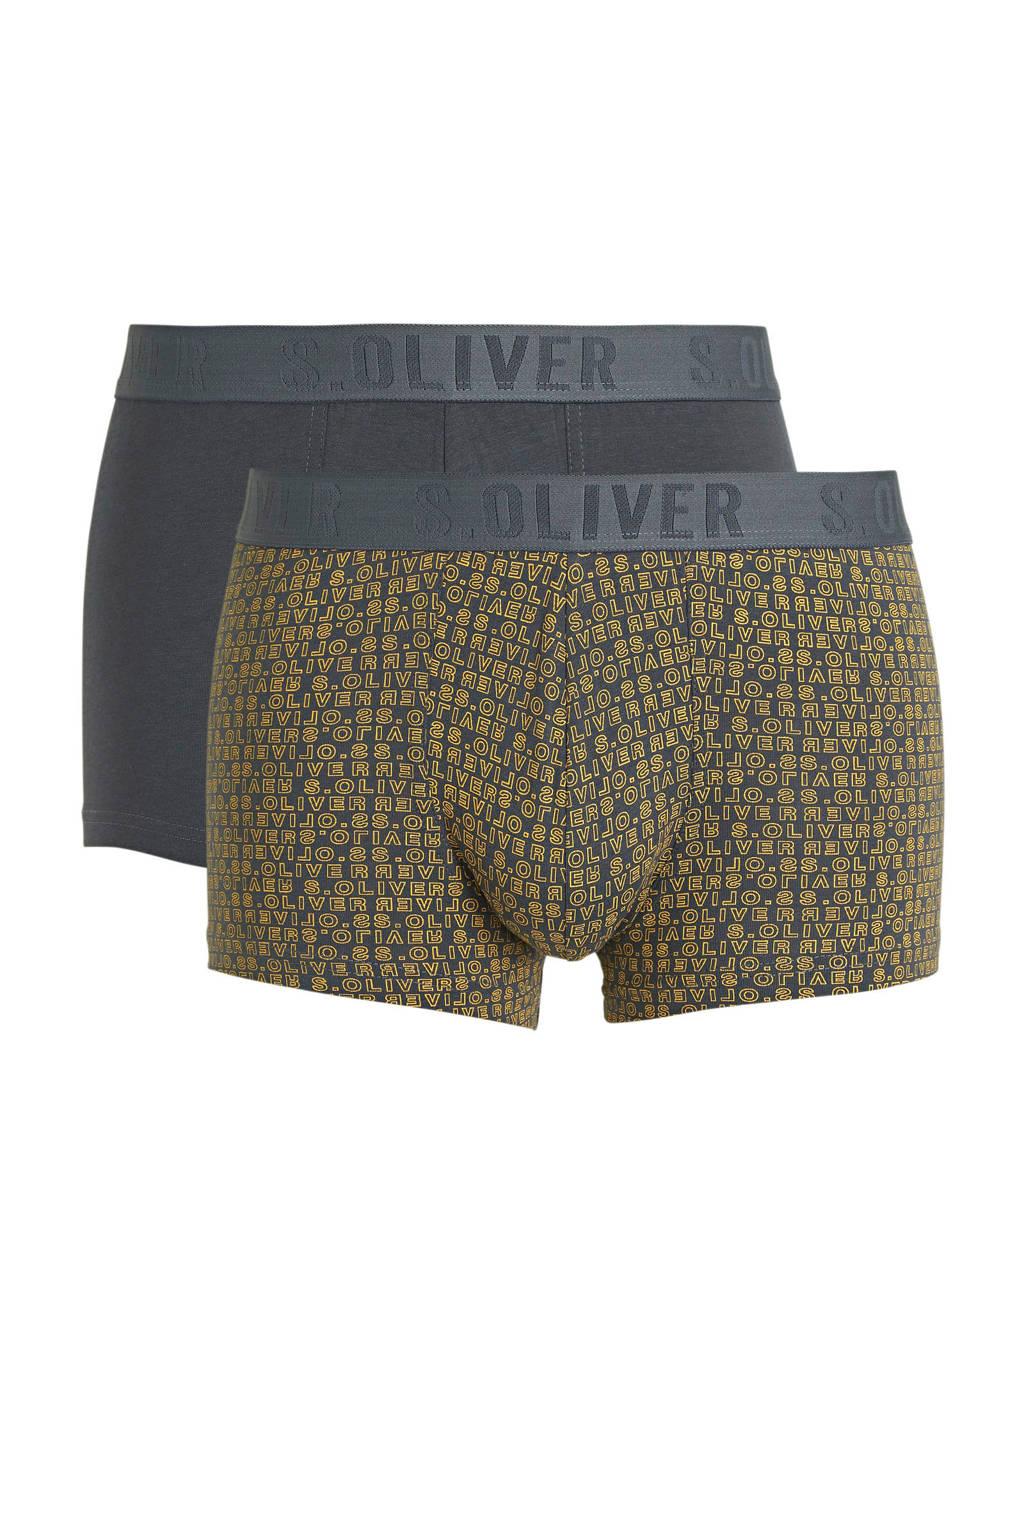 s.Oliver boxershort (set van 2), Zwart/geel